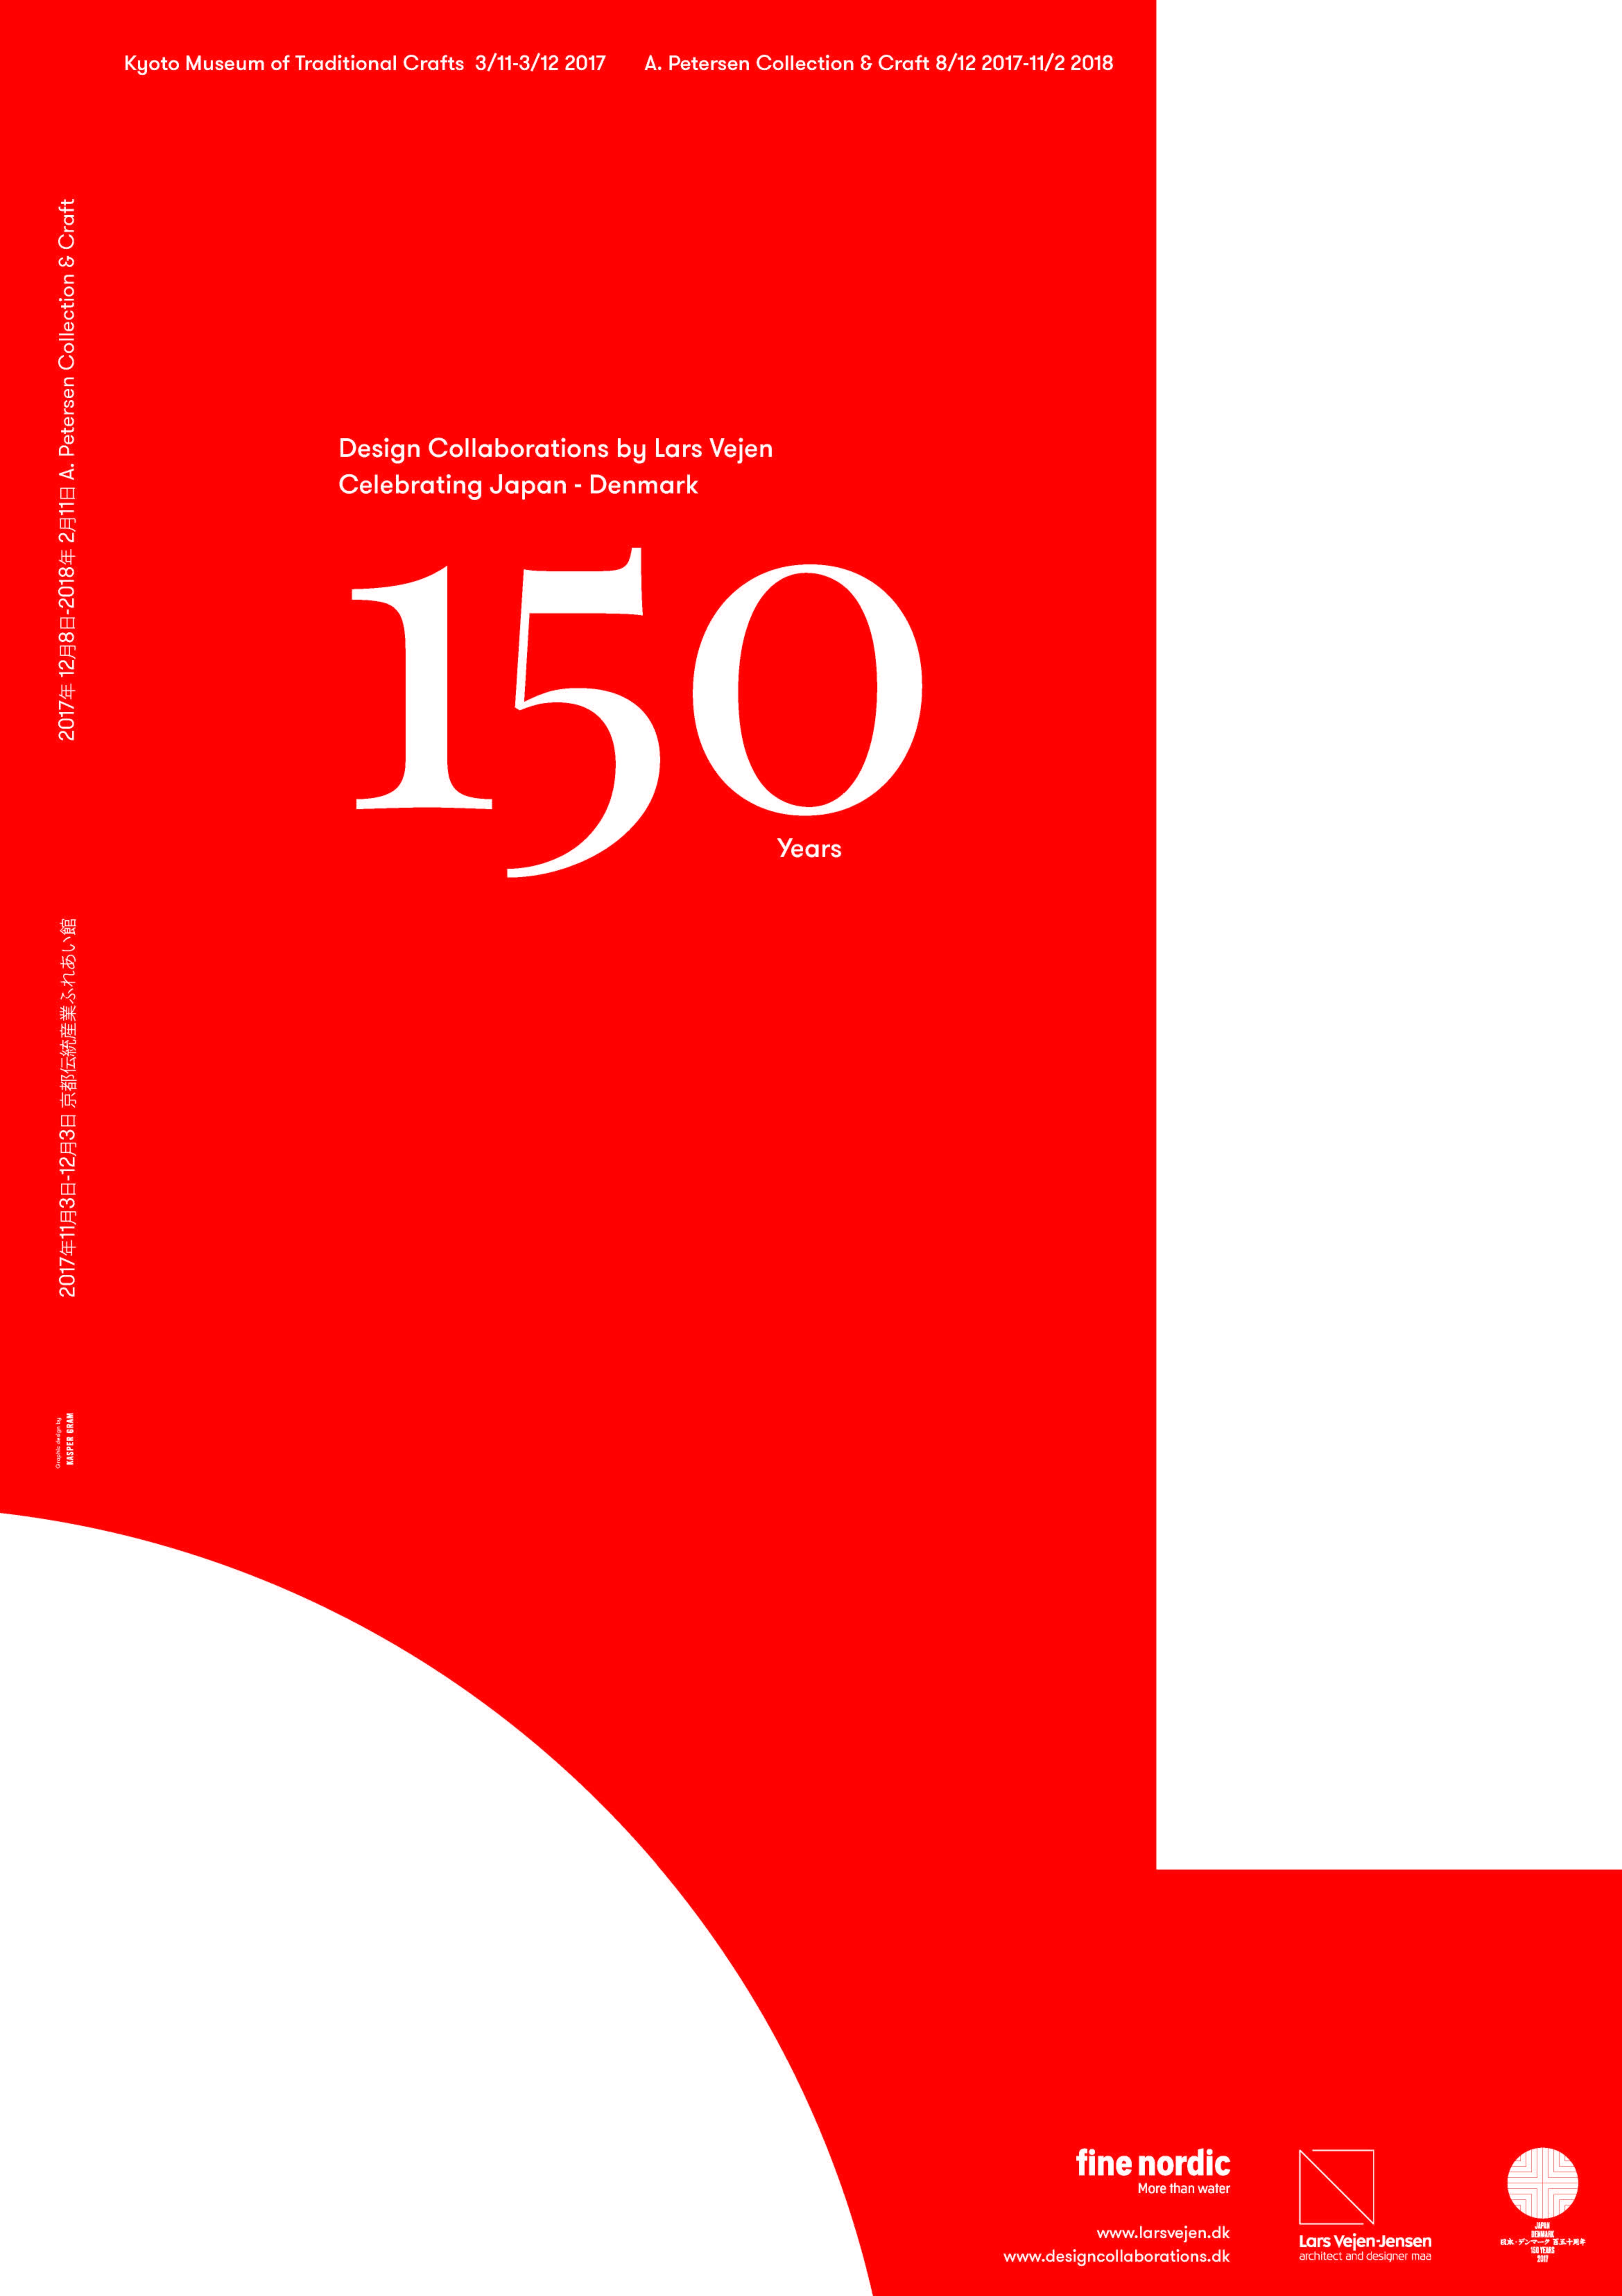 DKJP 150 by Lars Vejen exhibition poster 20170913 FINAL